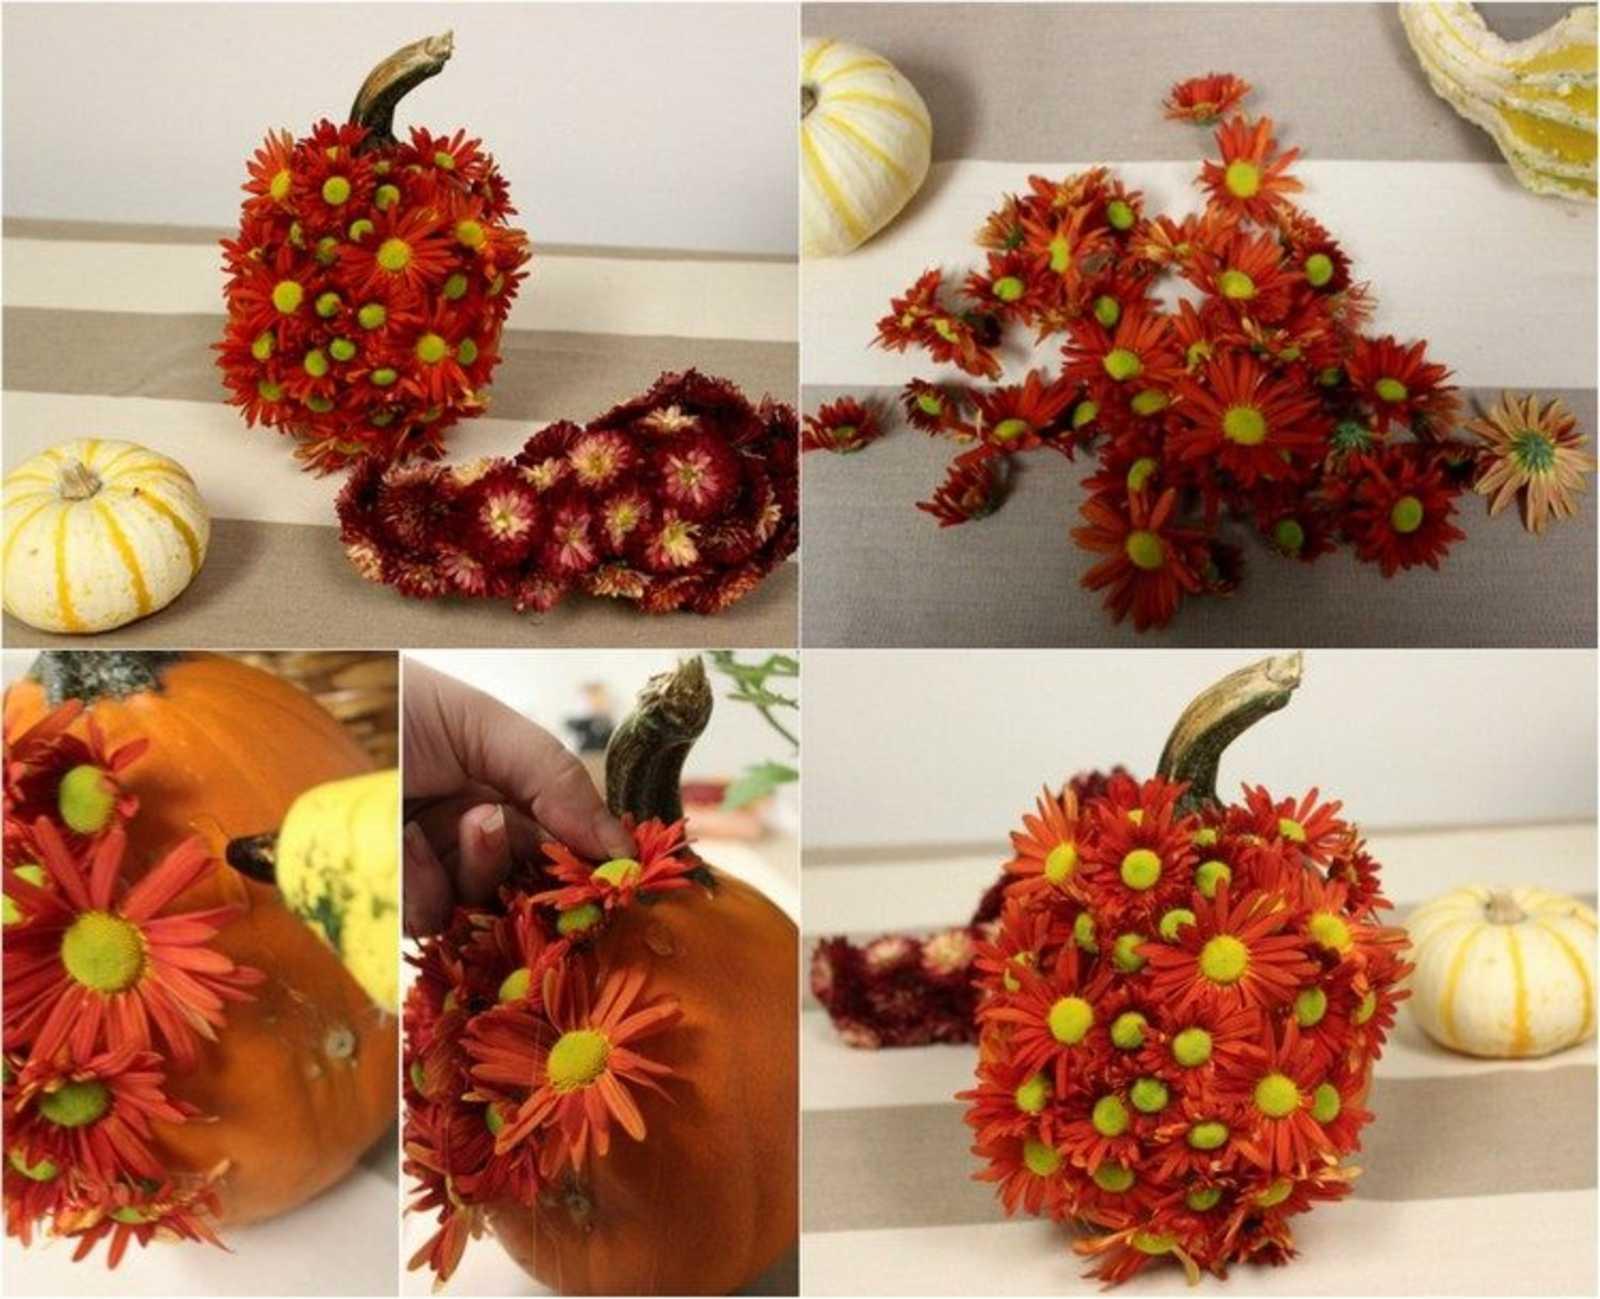 Diy Herbst  Herbst Deko selbst gemacht 15 tolle Do it yourself Tipps